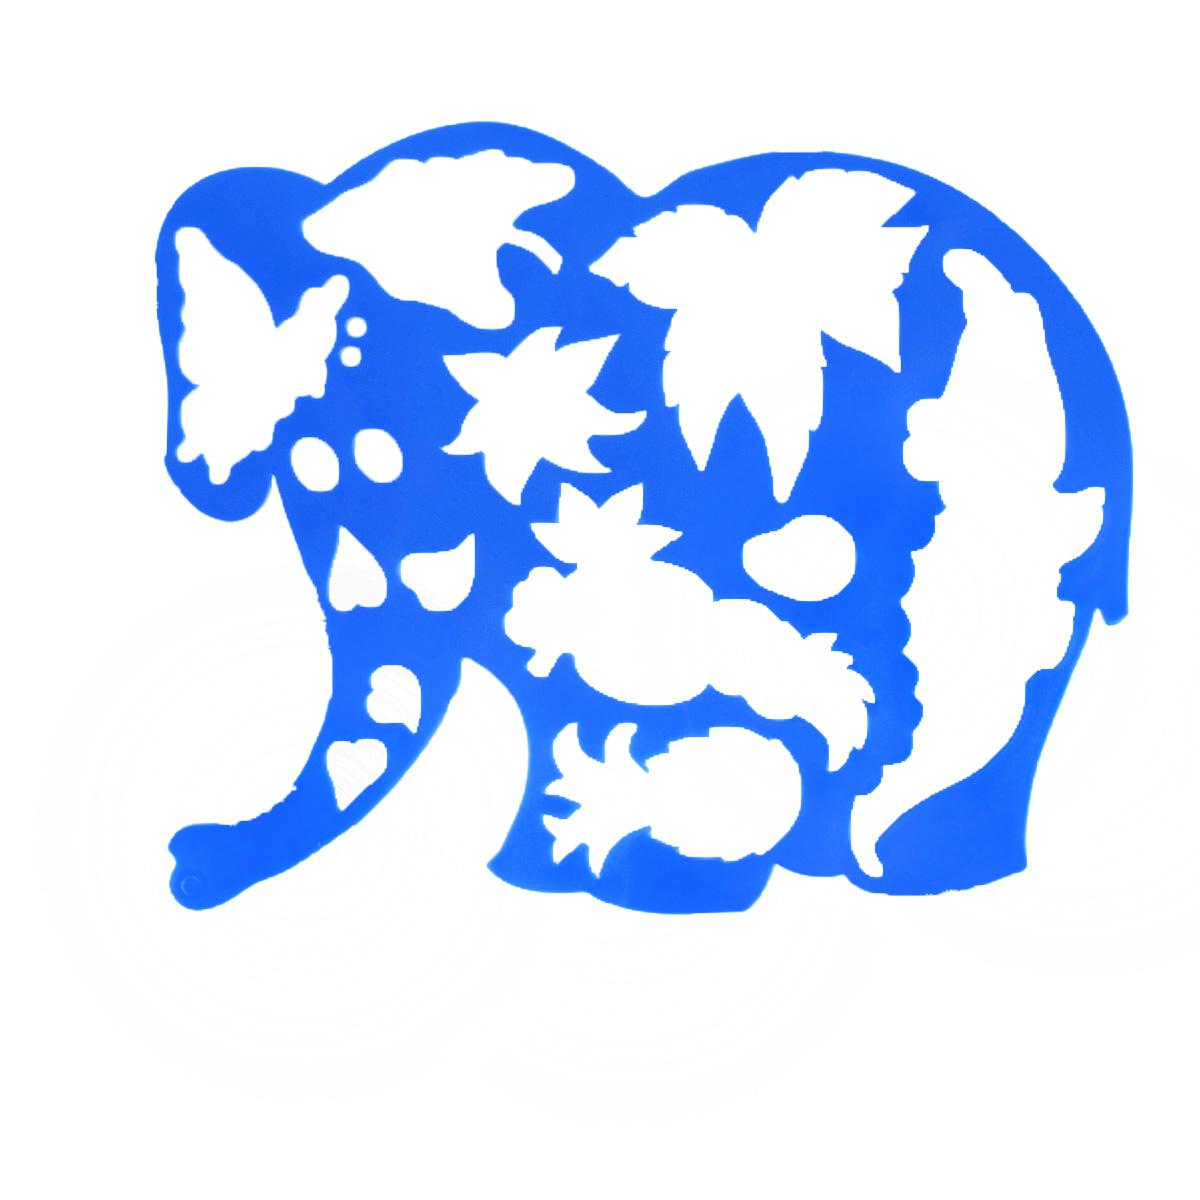 Трафарет фигурный Луч Слоник в джунглях17С 1145-08Трафарет фигурный Луч Слоник в джунглях, выполненный из безопасного пластика, предназначен для детского творчества. При помощи этого трафарета ребенок может нарисовать забавного слоника в диких джунглях. Трафарет можно использовать для рисования отдельных персонажей и композиций, а также для изготовления аппликаций. Трафареты предназначены для развития у детей мелкой моторики и зрительно- двигательной координации, навыков художественной композиции и зрительного восприятия.